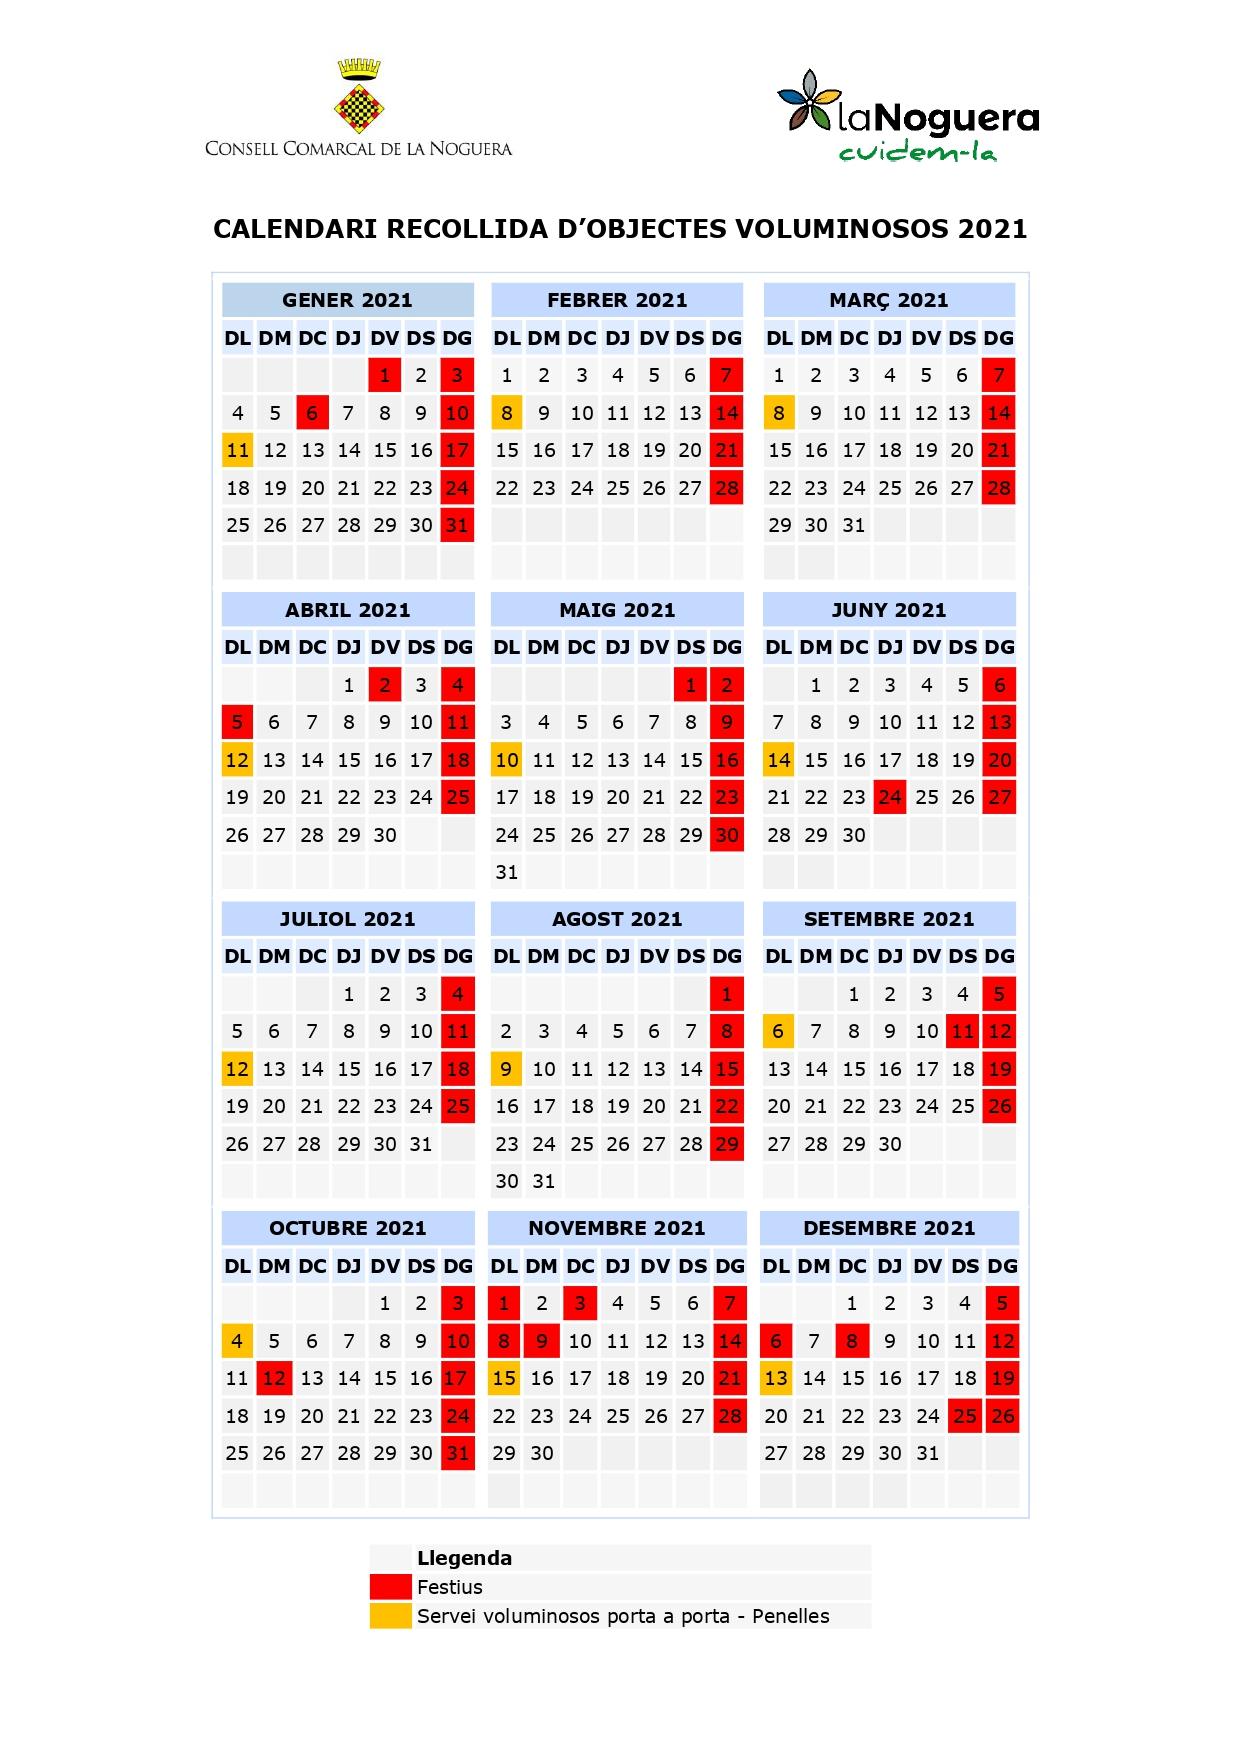 Calendari voluminosos 2021.jpg